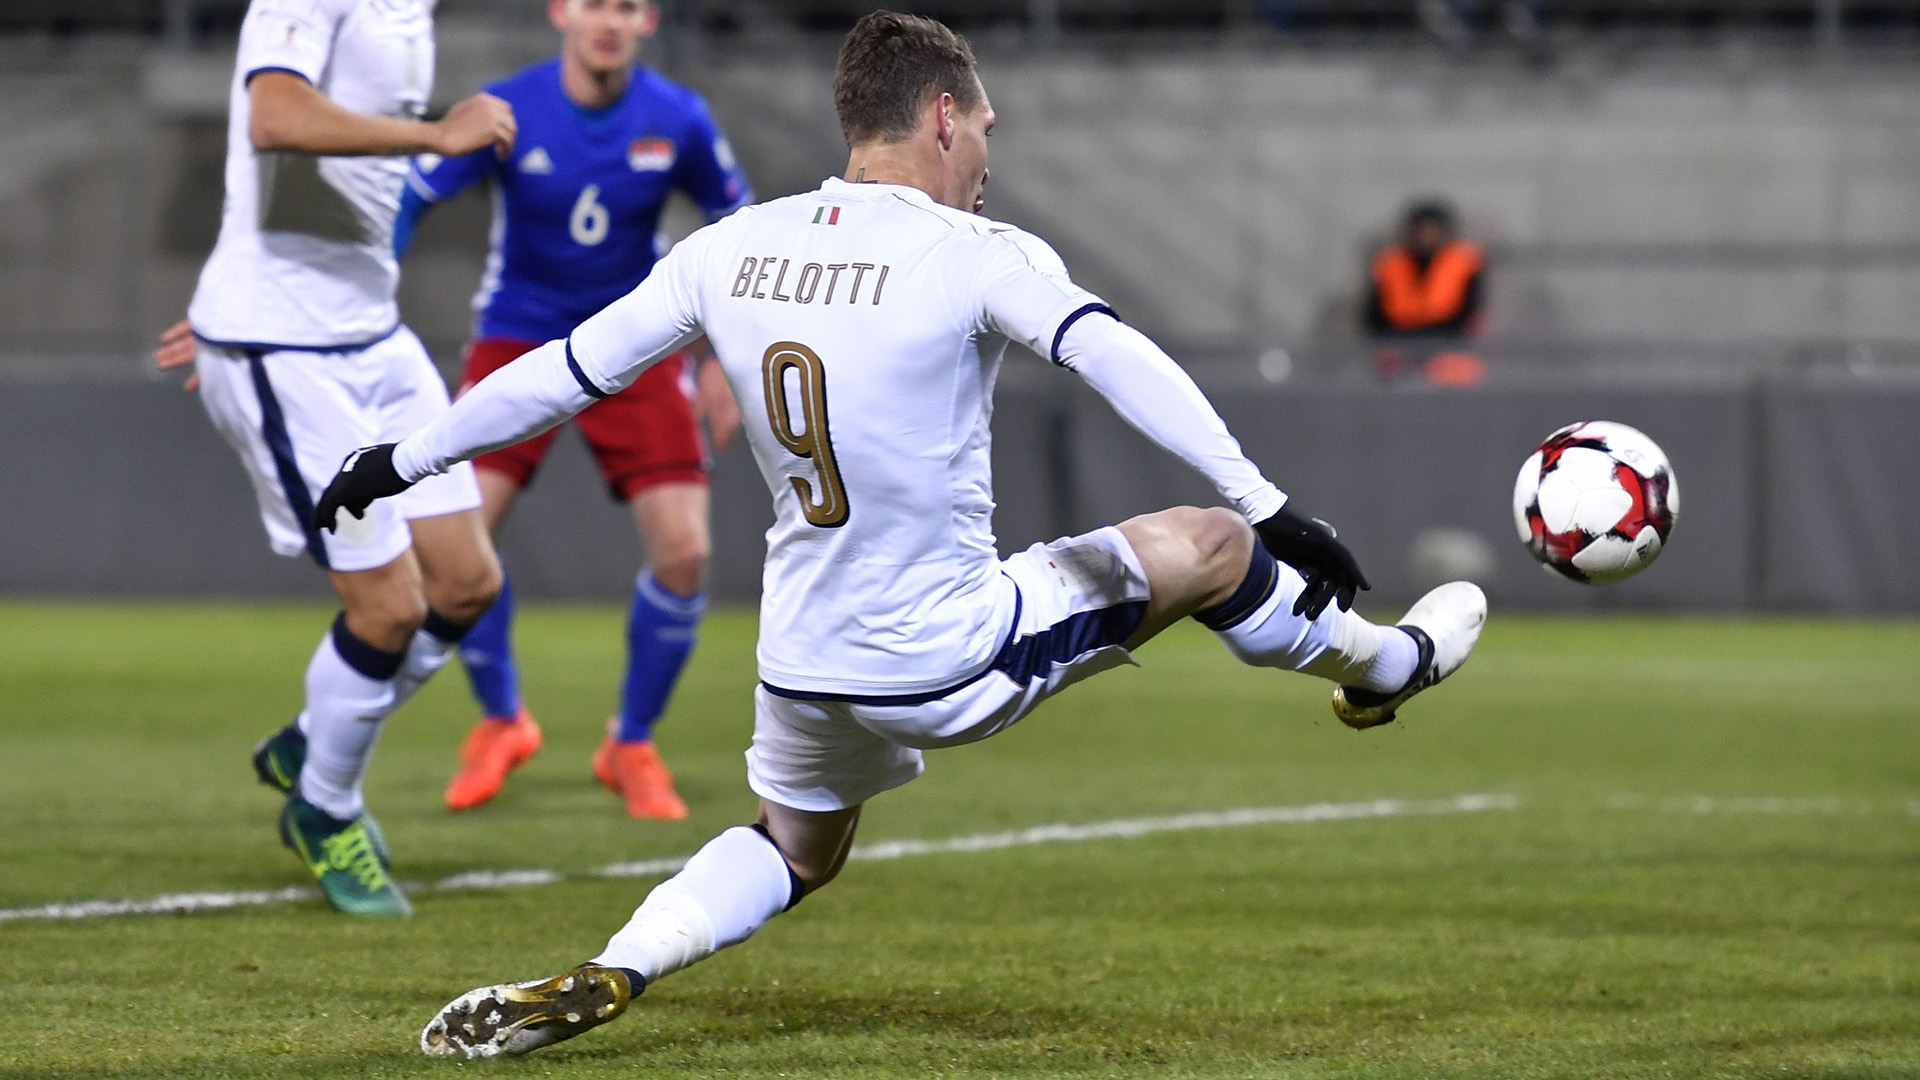 Italia-Liechtenstein in tv 11 giugno: a che ora e dove guardarla